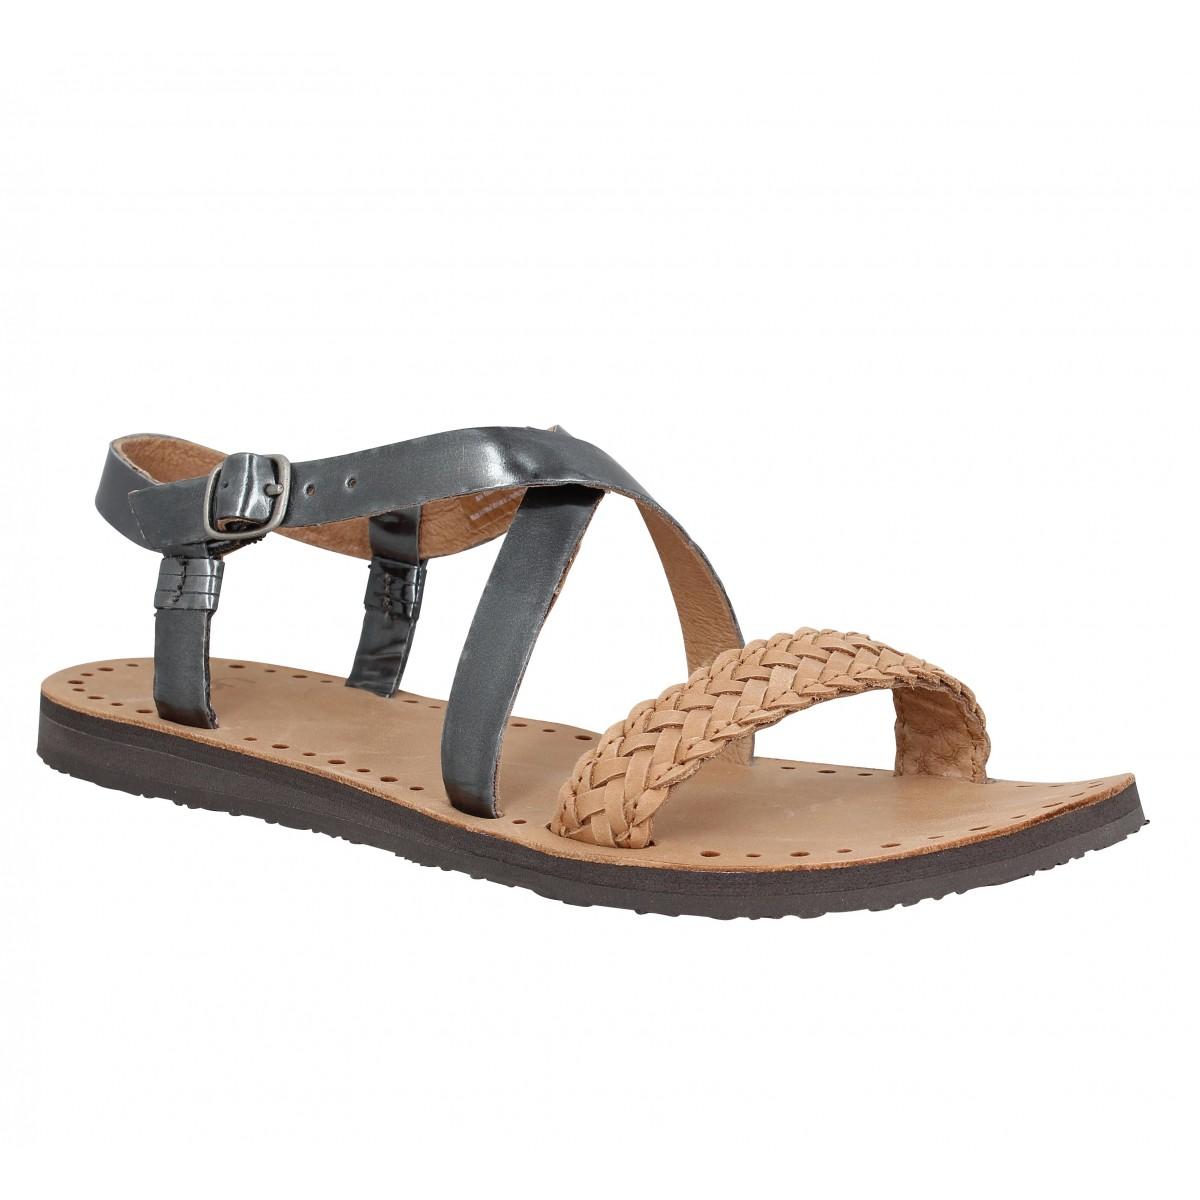 Nu-pieds UGG AUSTRALIA Jordyne cuir Femme Anthracite